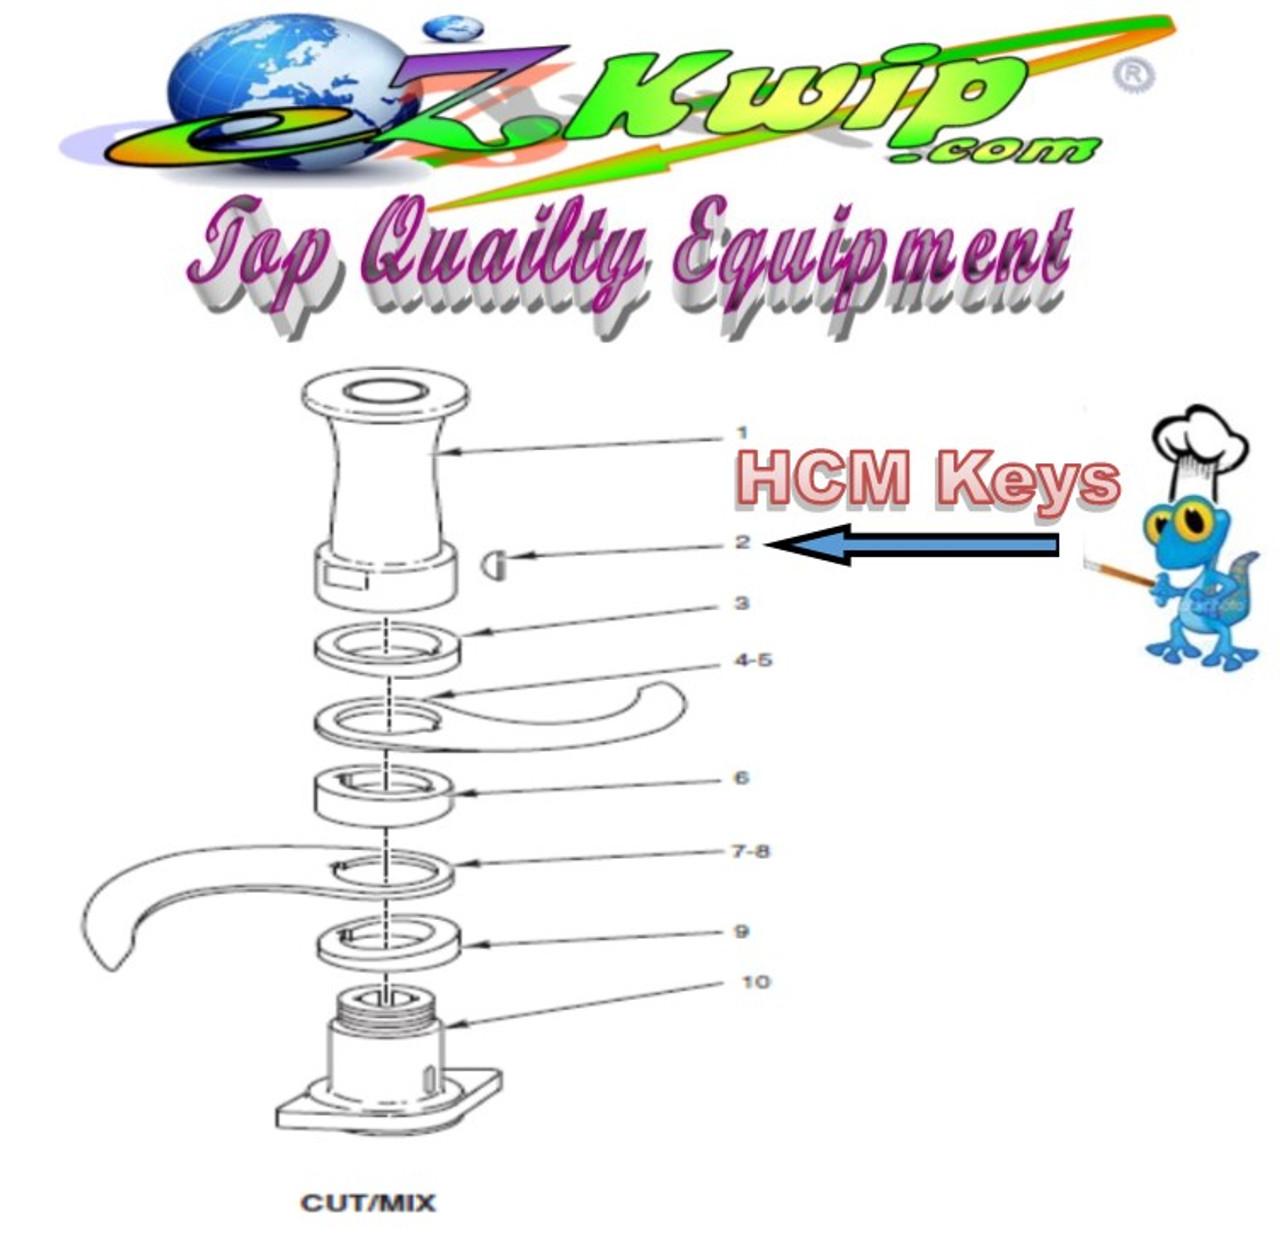 Blade Keys For Hobart HCM300 or HCM450 Cutter/Mixer Part # KW-004-01